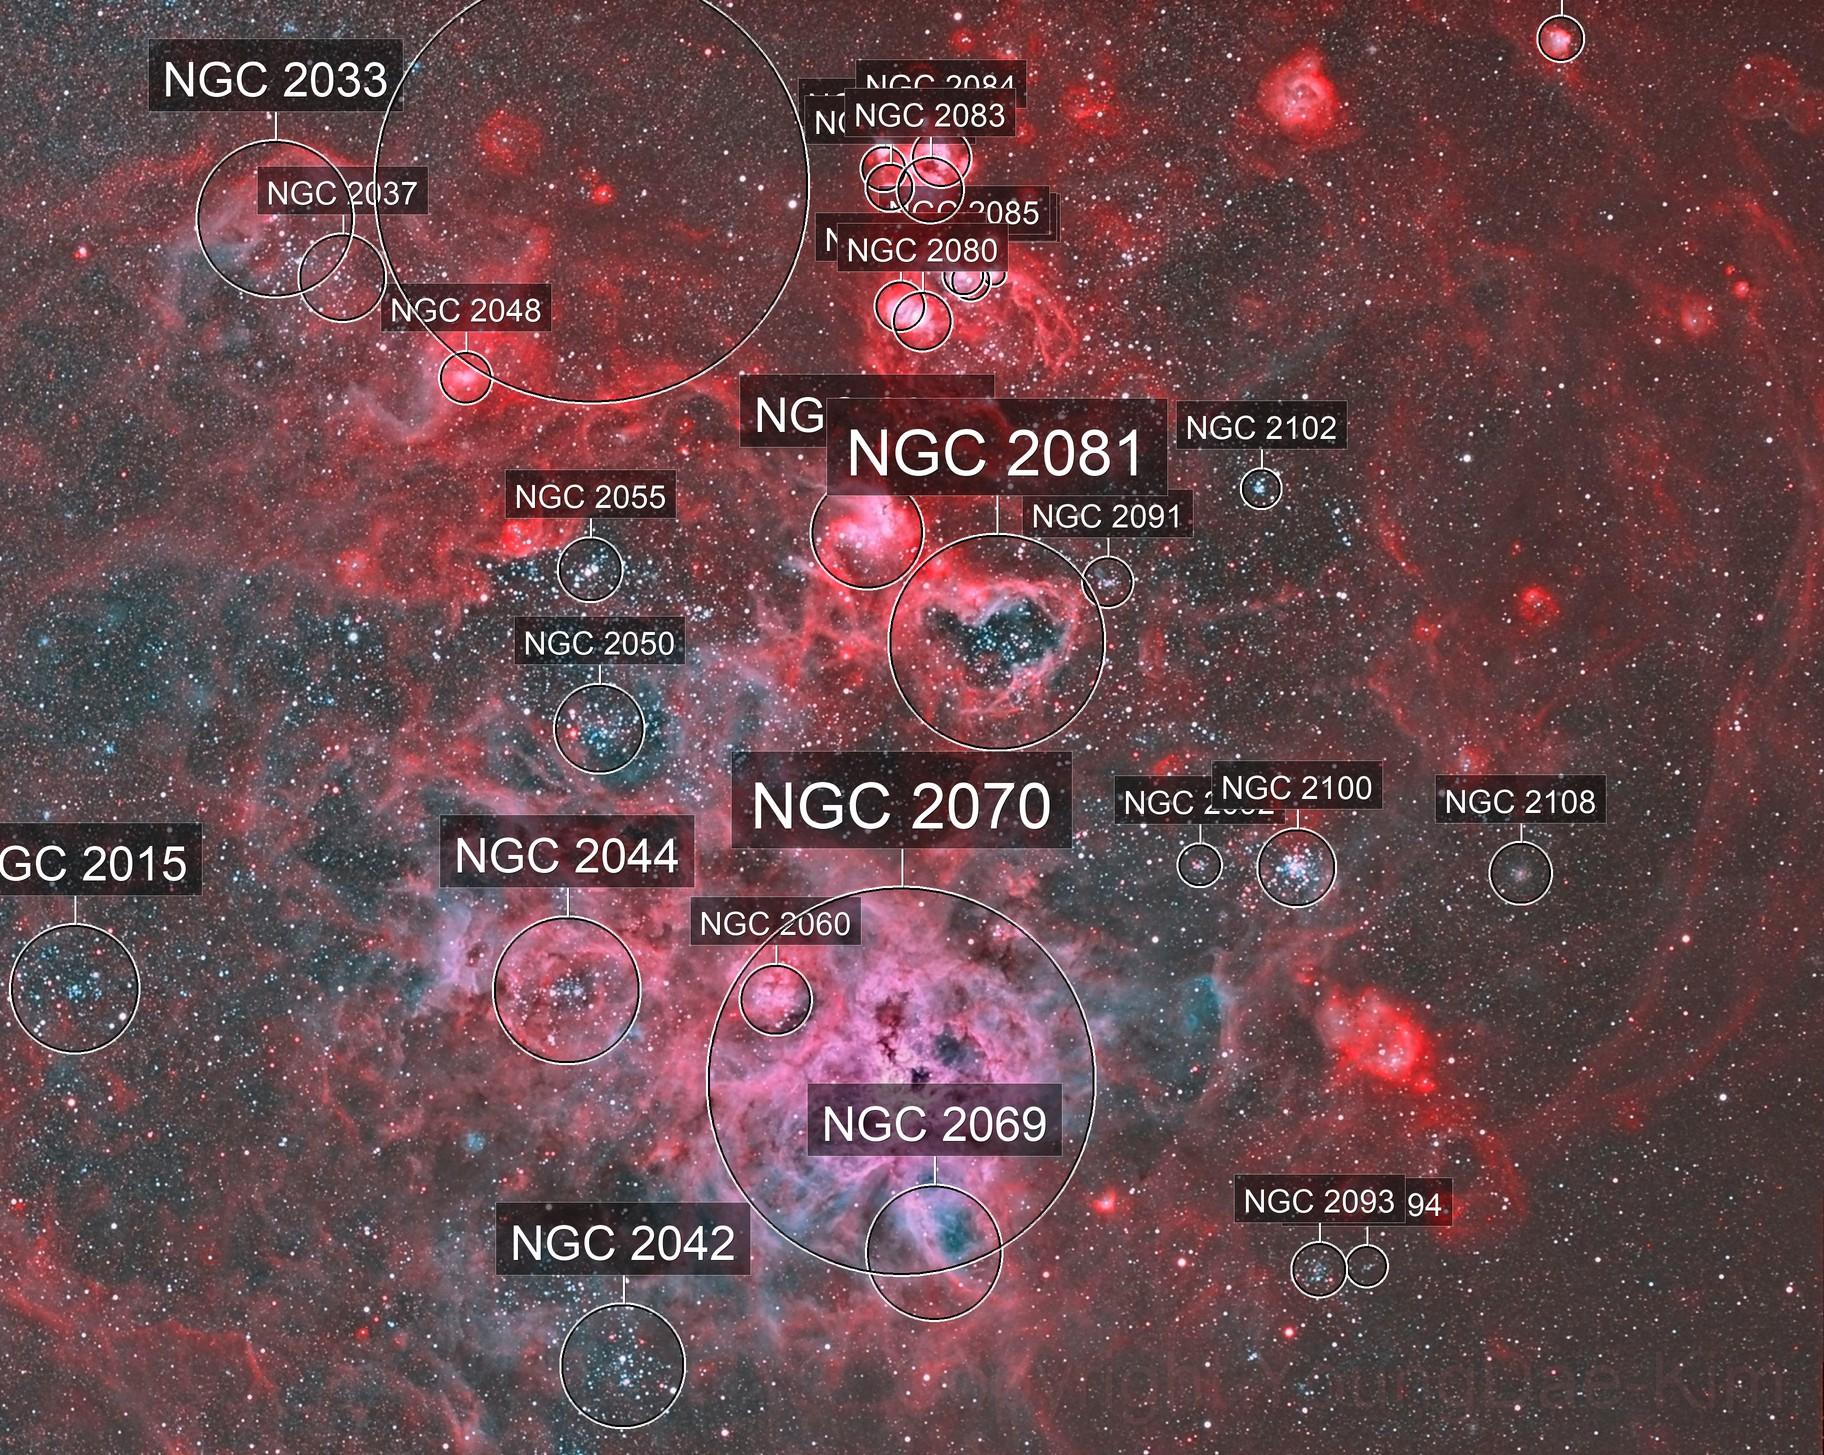 NGC2070, NGC2074, etc...